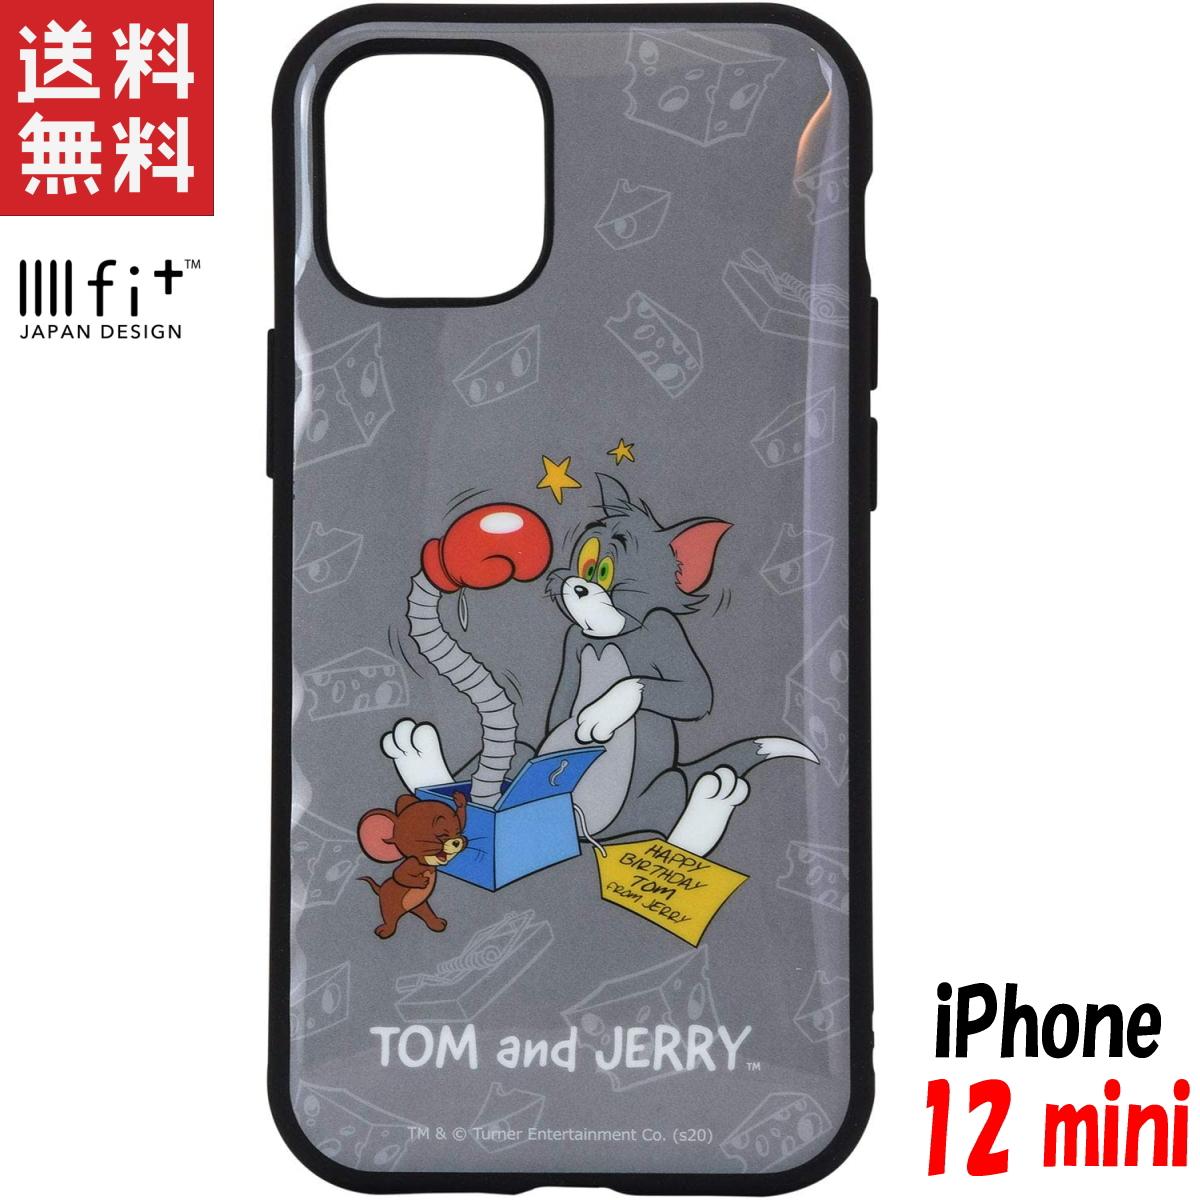 ケース トム アイフォン と ジェリー